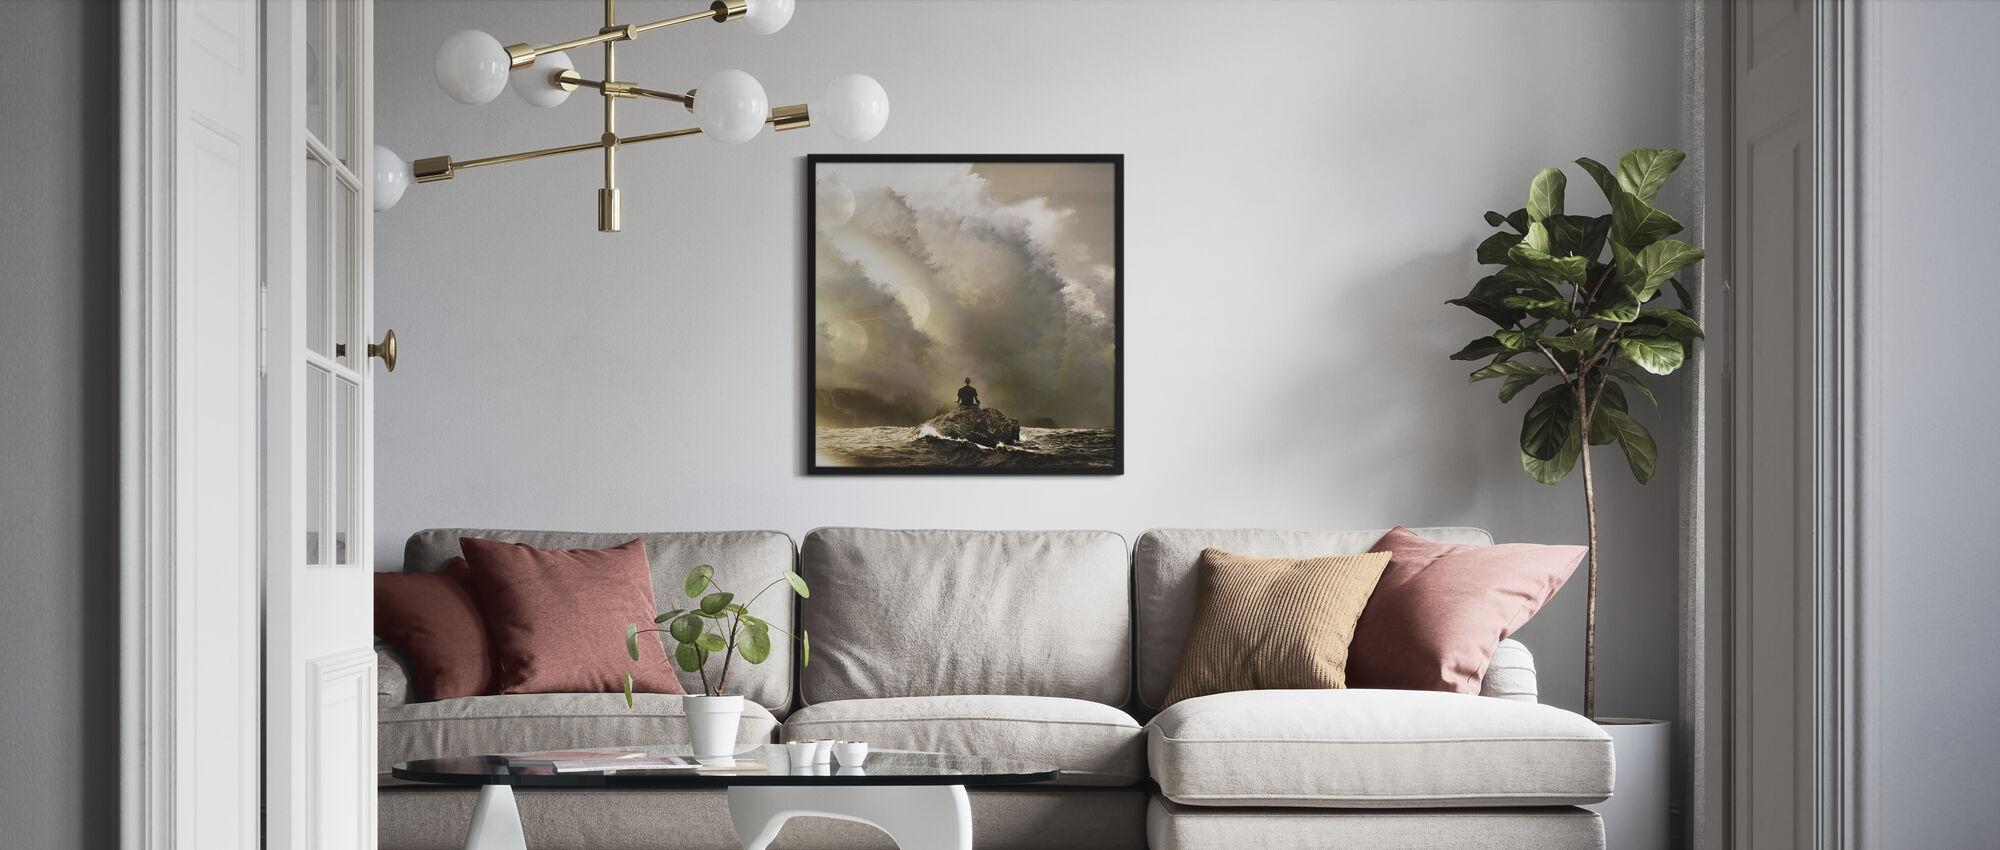 Langsames Atmen - Poster - Wohnzimmer